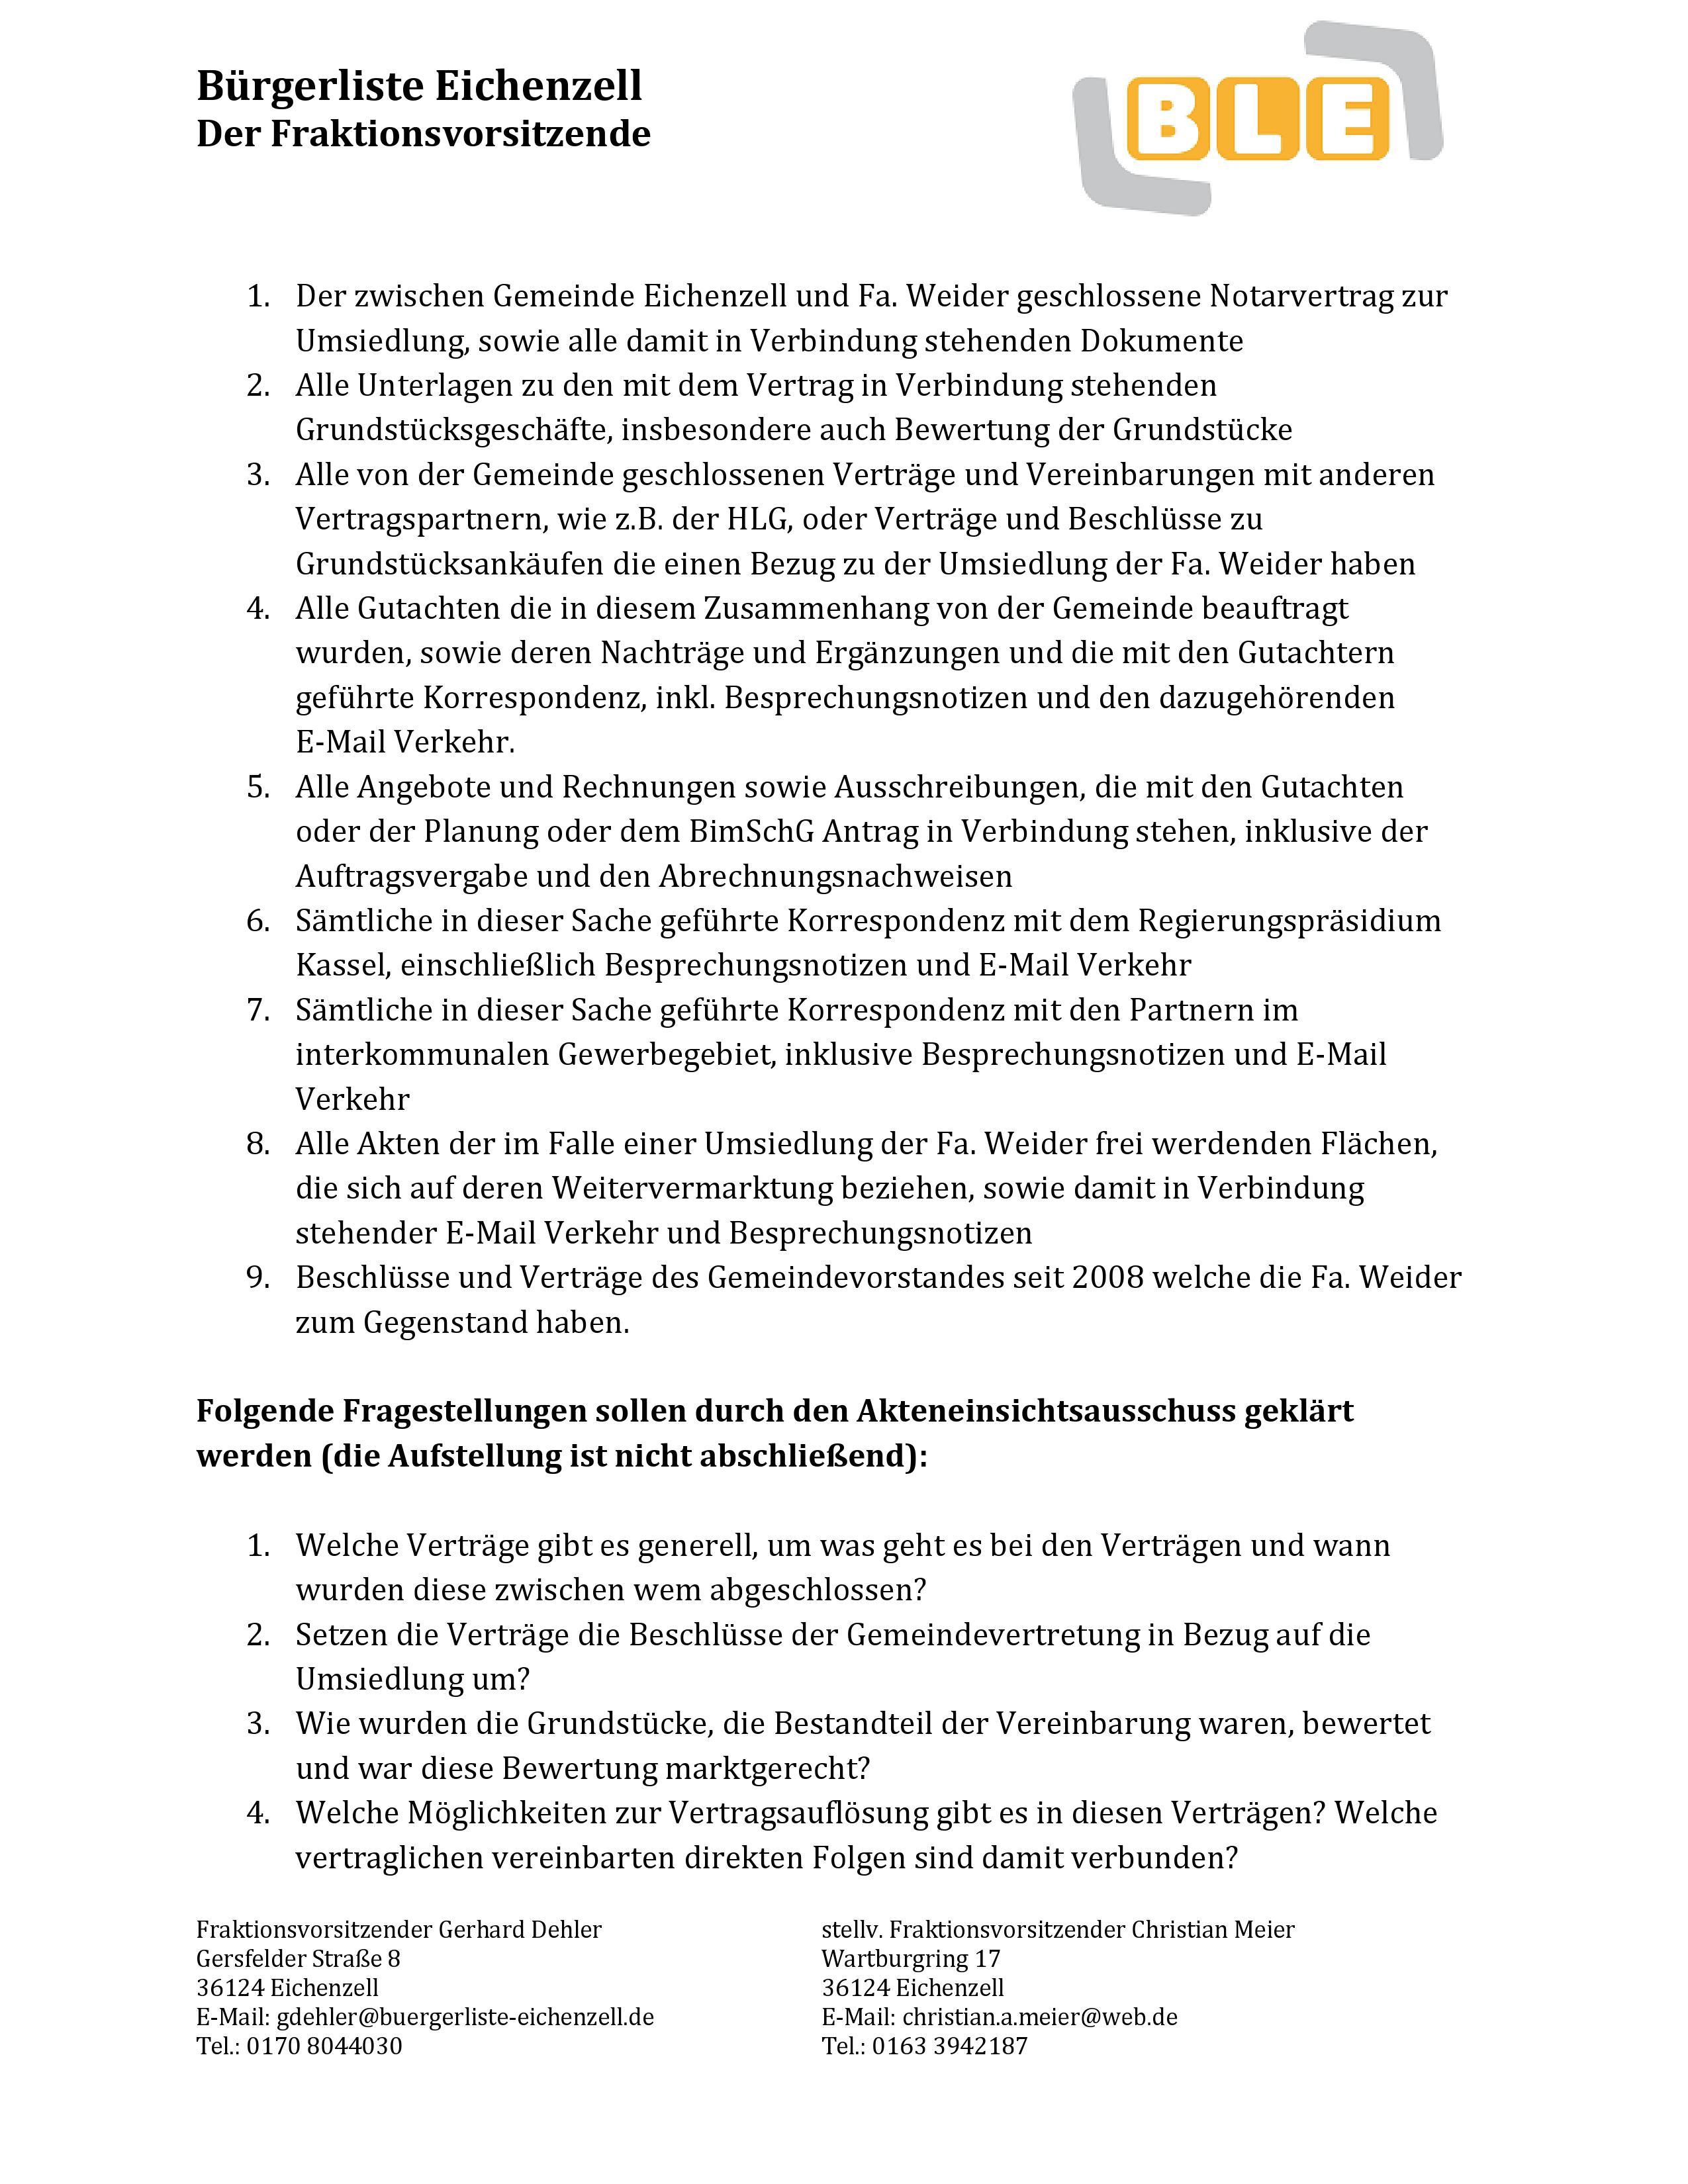 Bürgerliste Eichenzell – sachorientiert und innovativ für Eichenzell